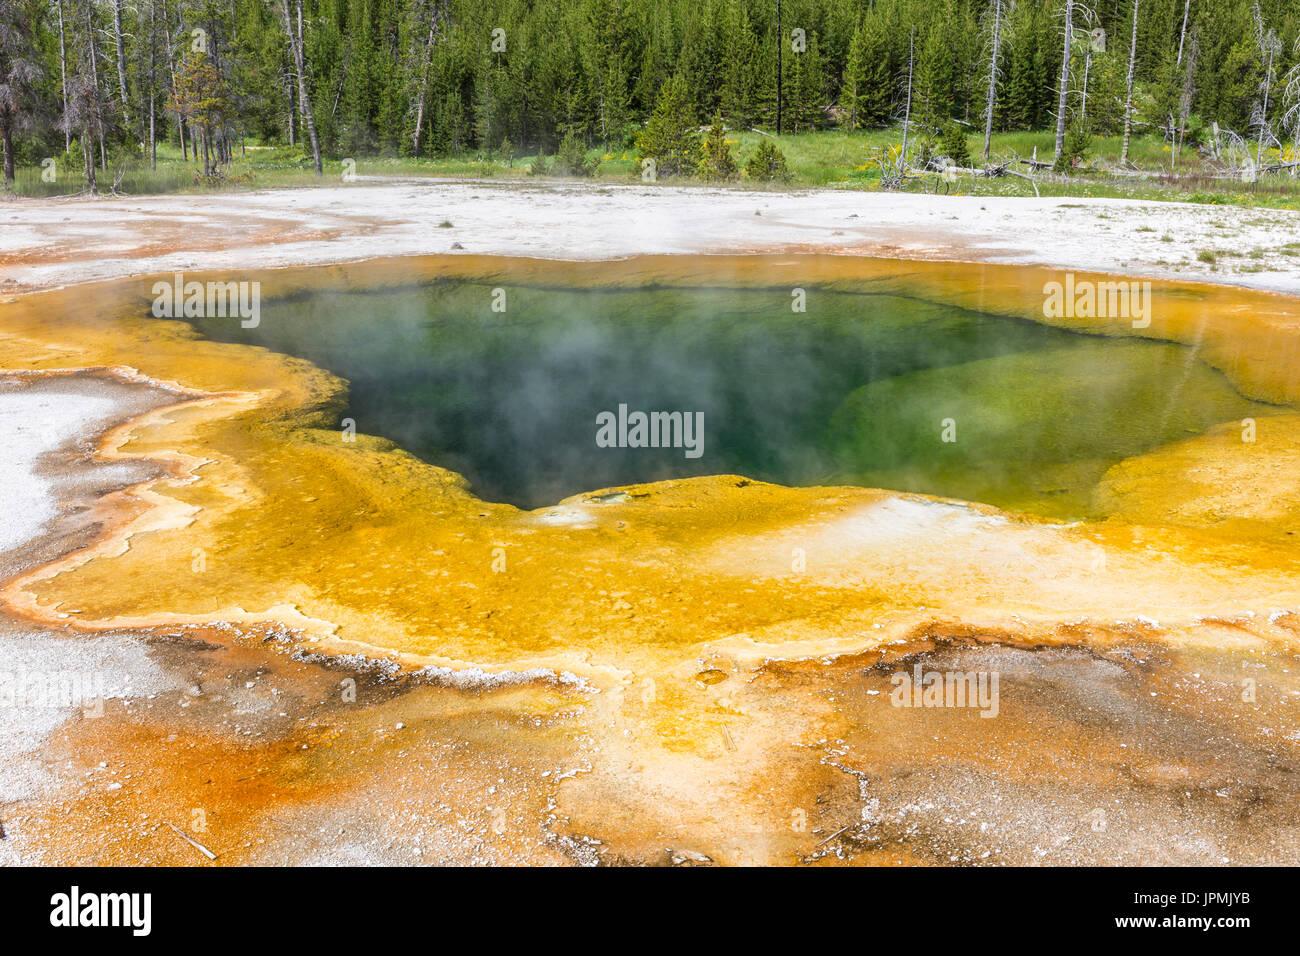 Emerald Pool termas en la cuenca de arena negra en el Parque Nacional Yellowstone, Wyoming. Foto de stock